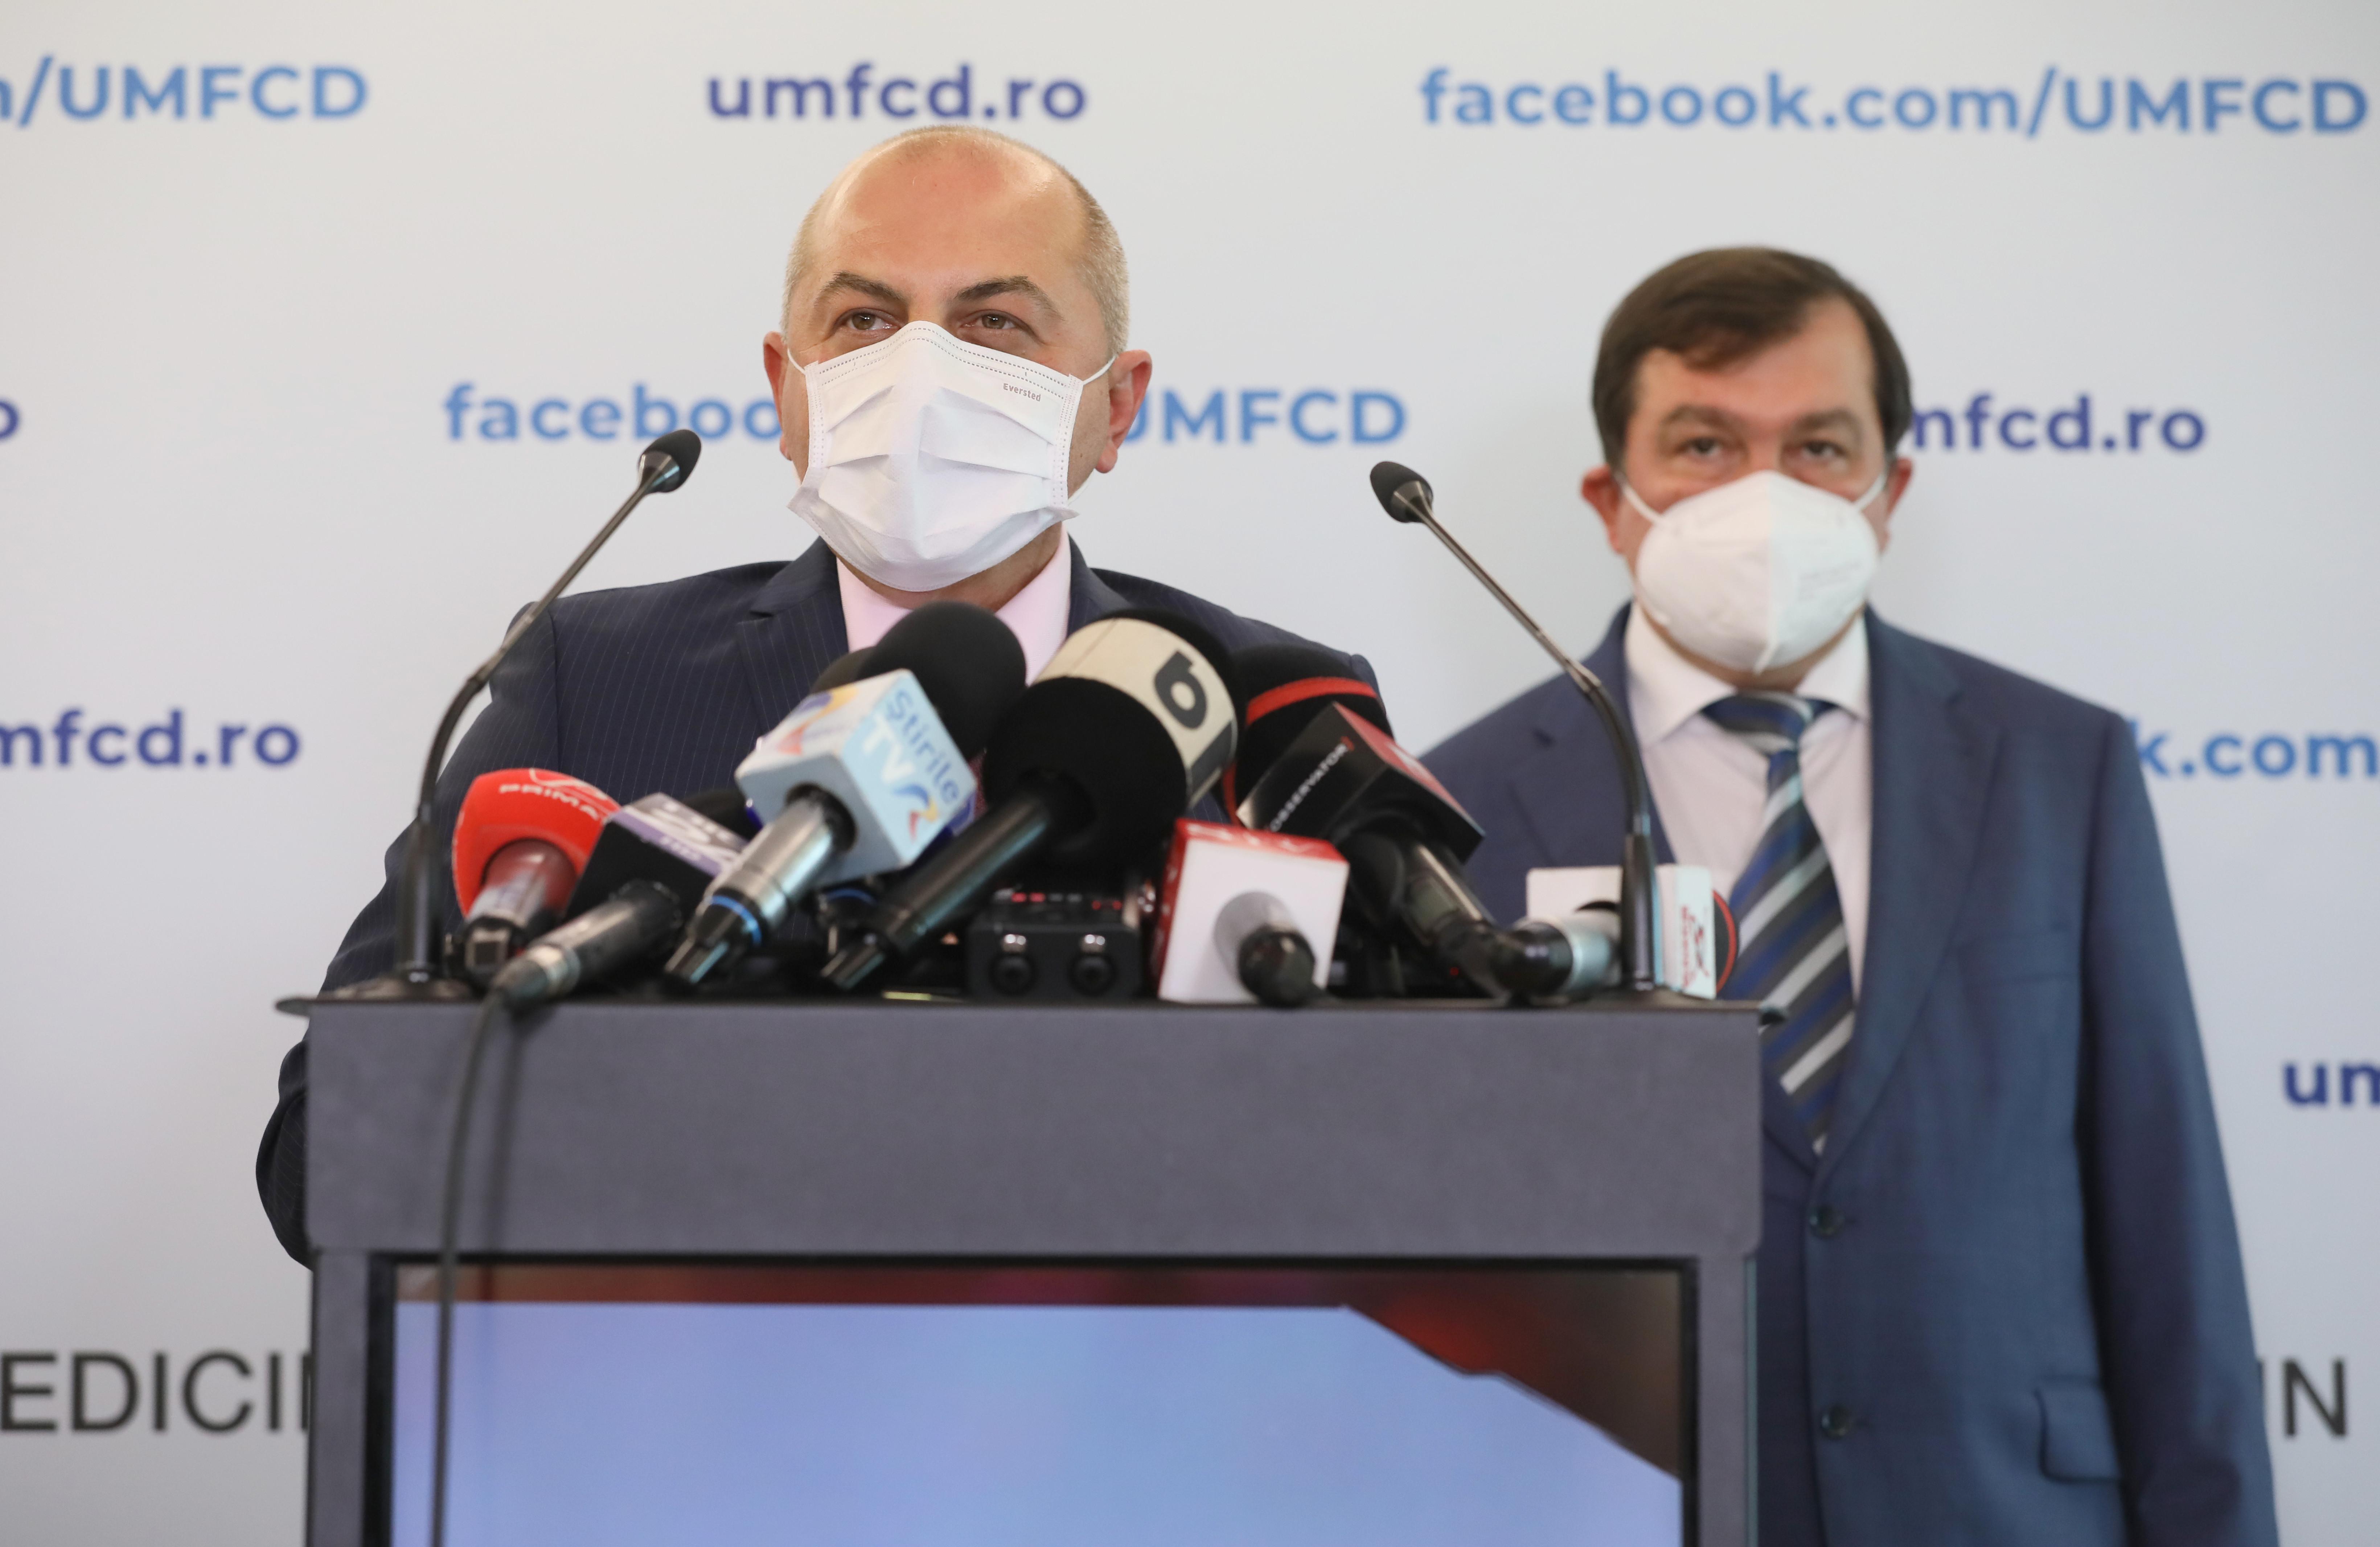 Managerul Spitalului Universitar din Bucureşti: România astăzi, la 400-500 de decese pe zi, pierde în fiecare zi un sat